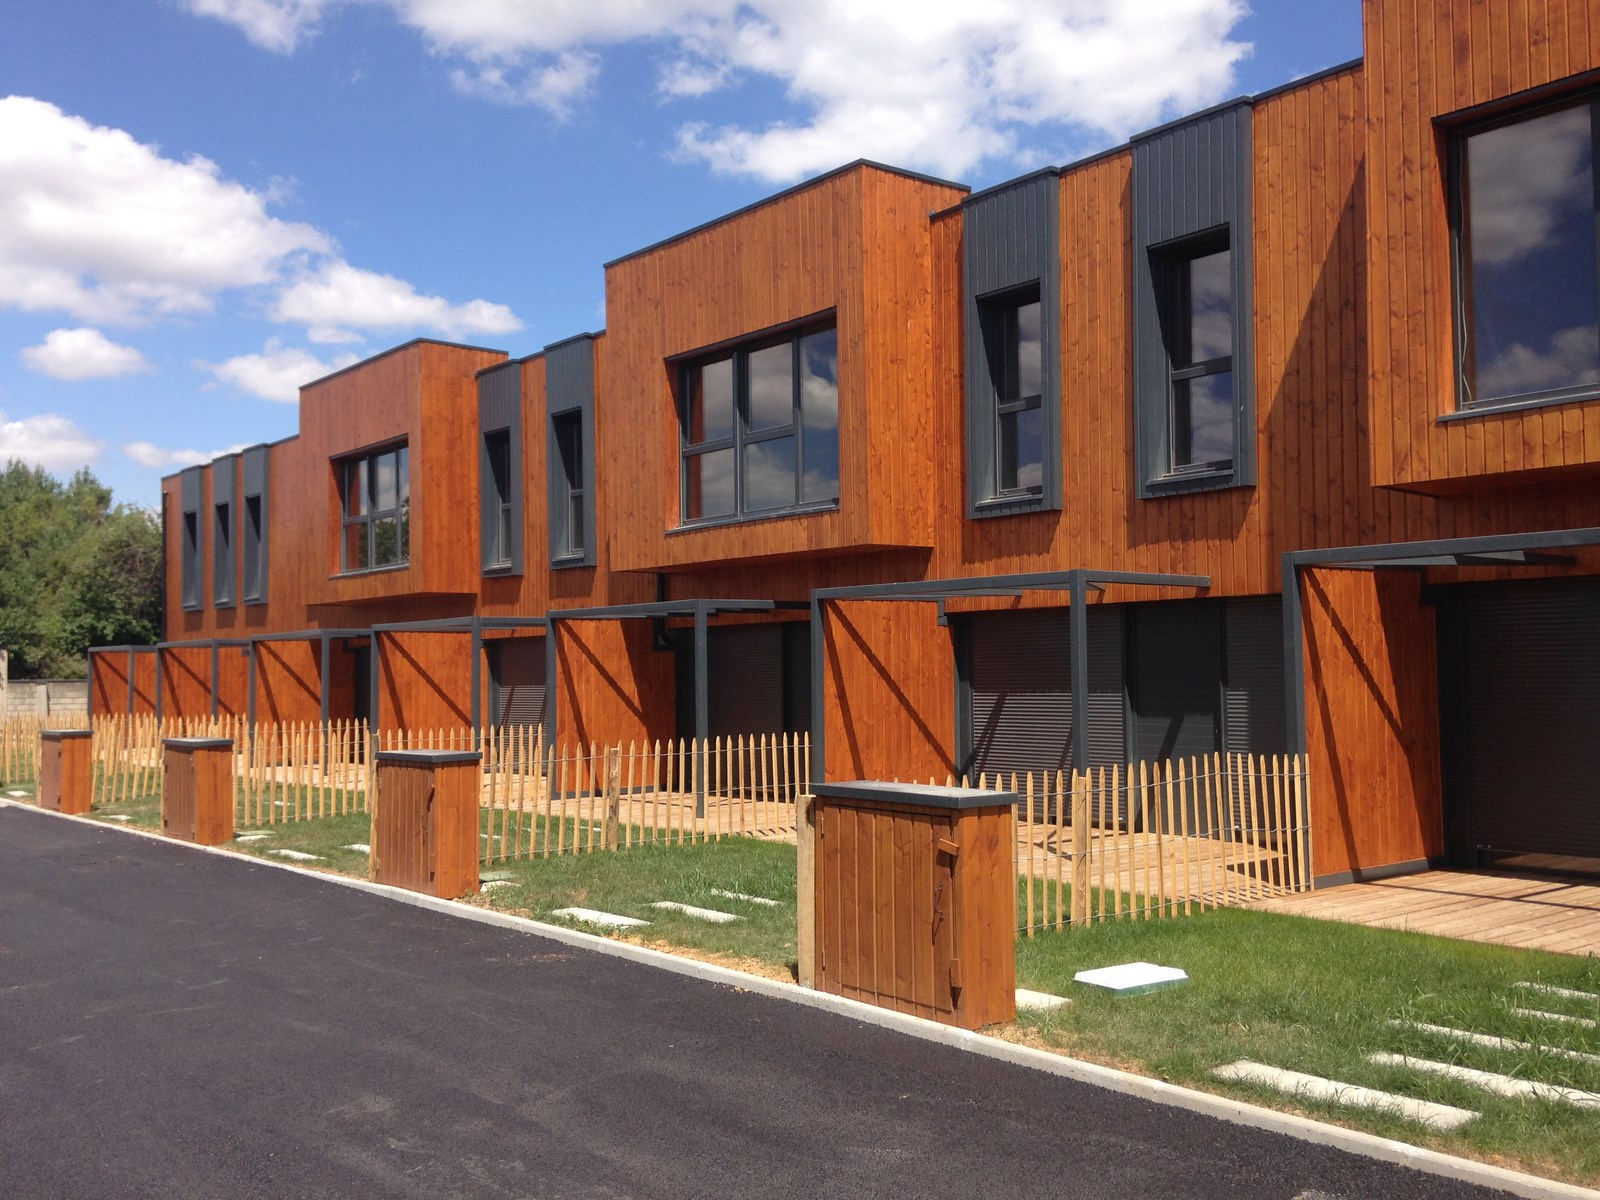 Immobilier flace les macon achat maison et appartement - 4 immobilier macon ...